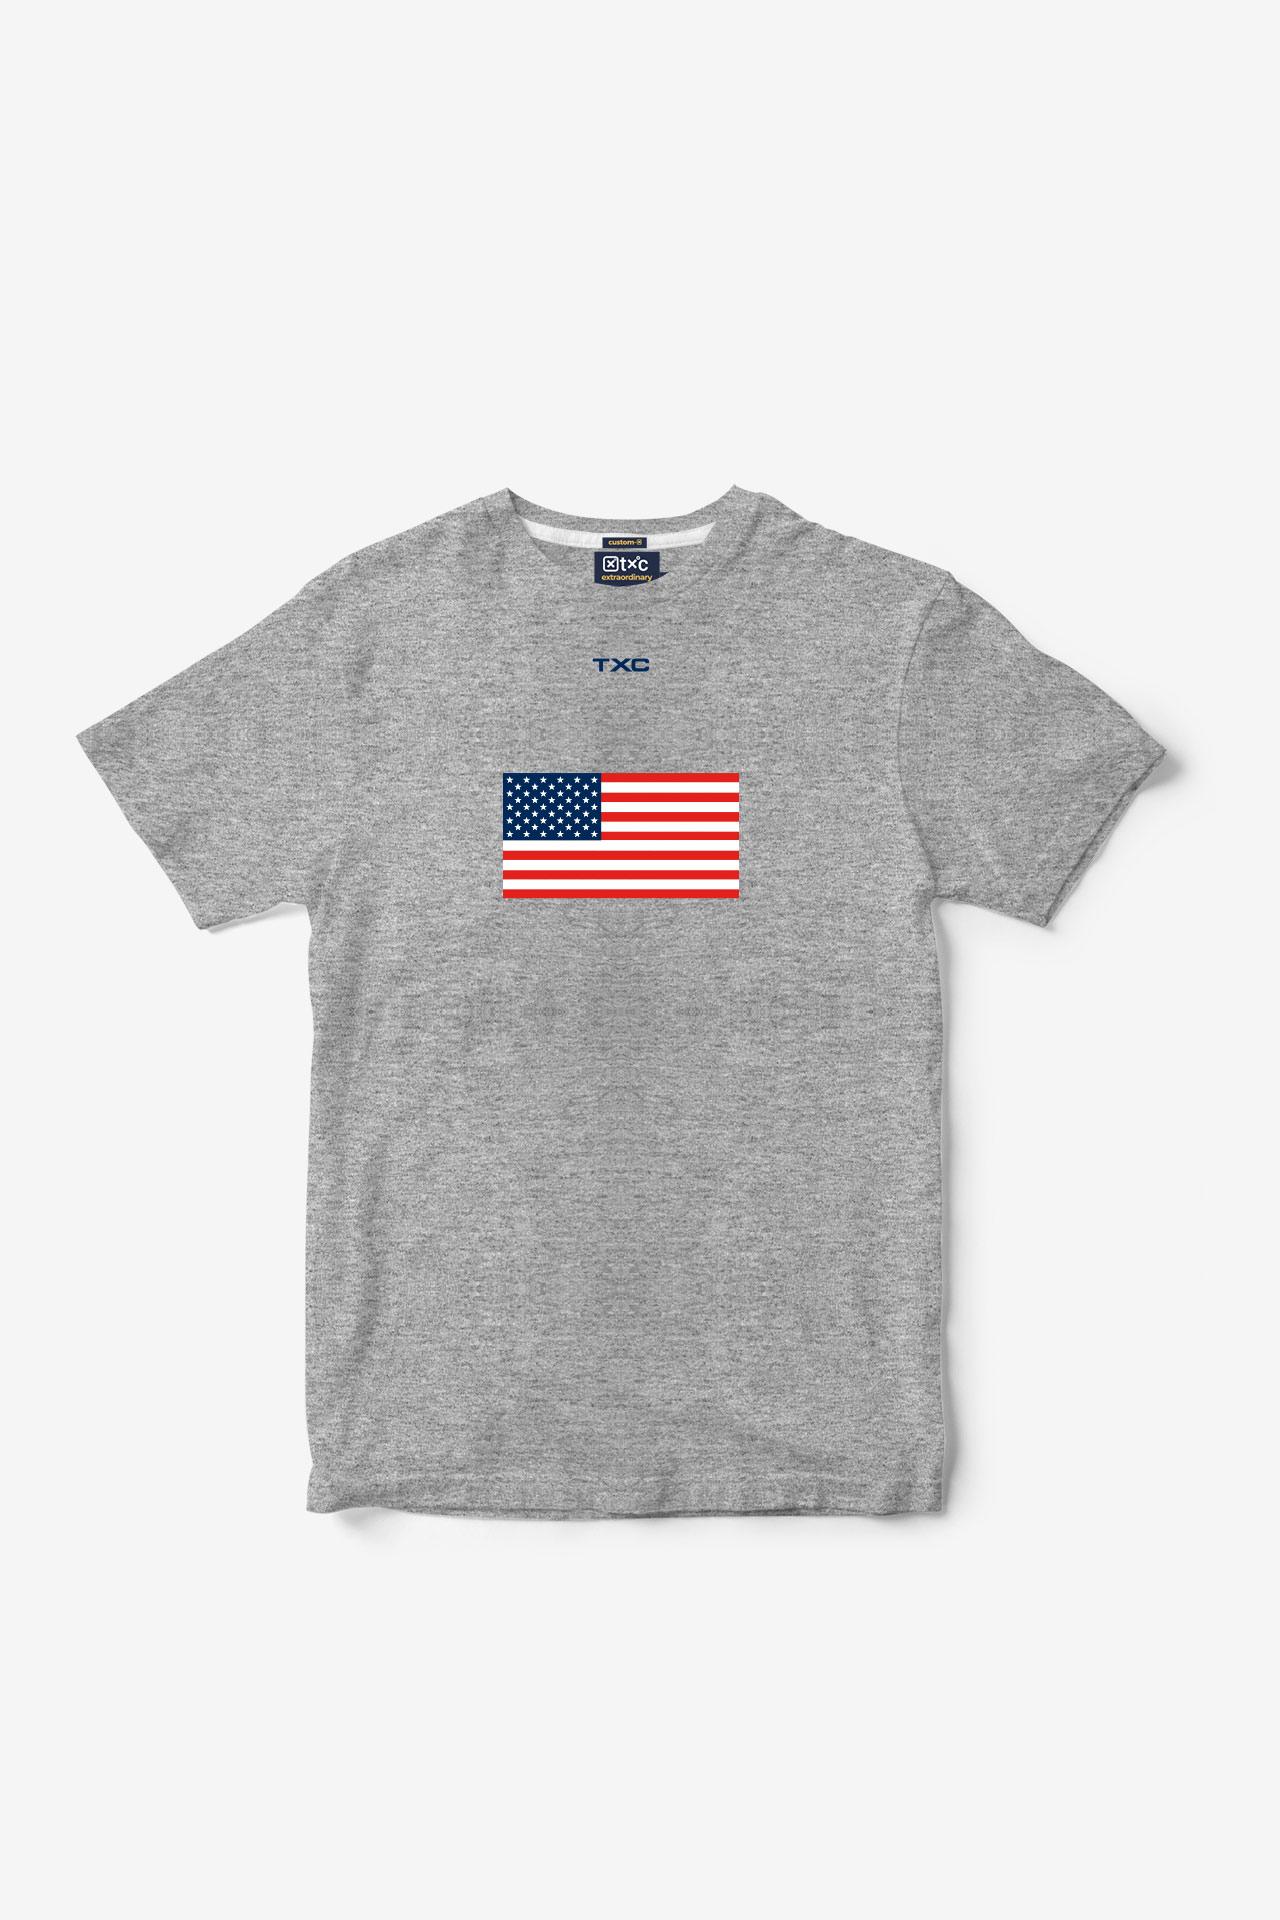 Camiseta Infantil TXC 14169